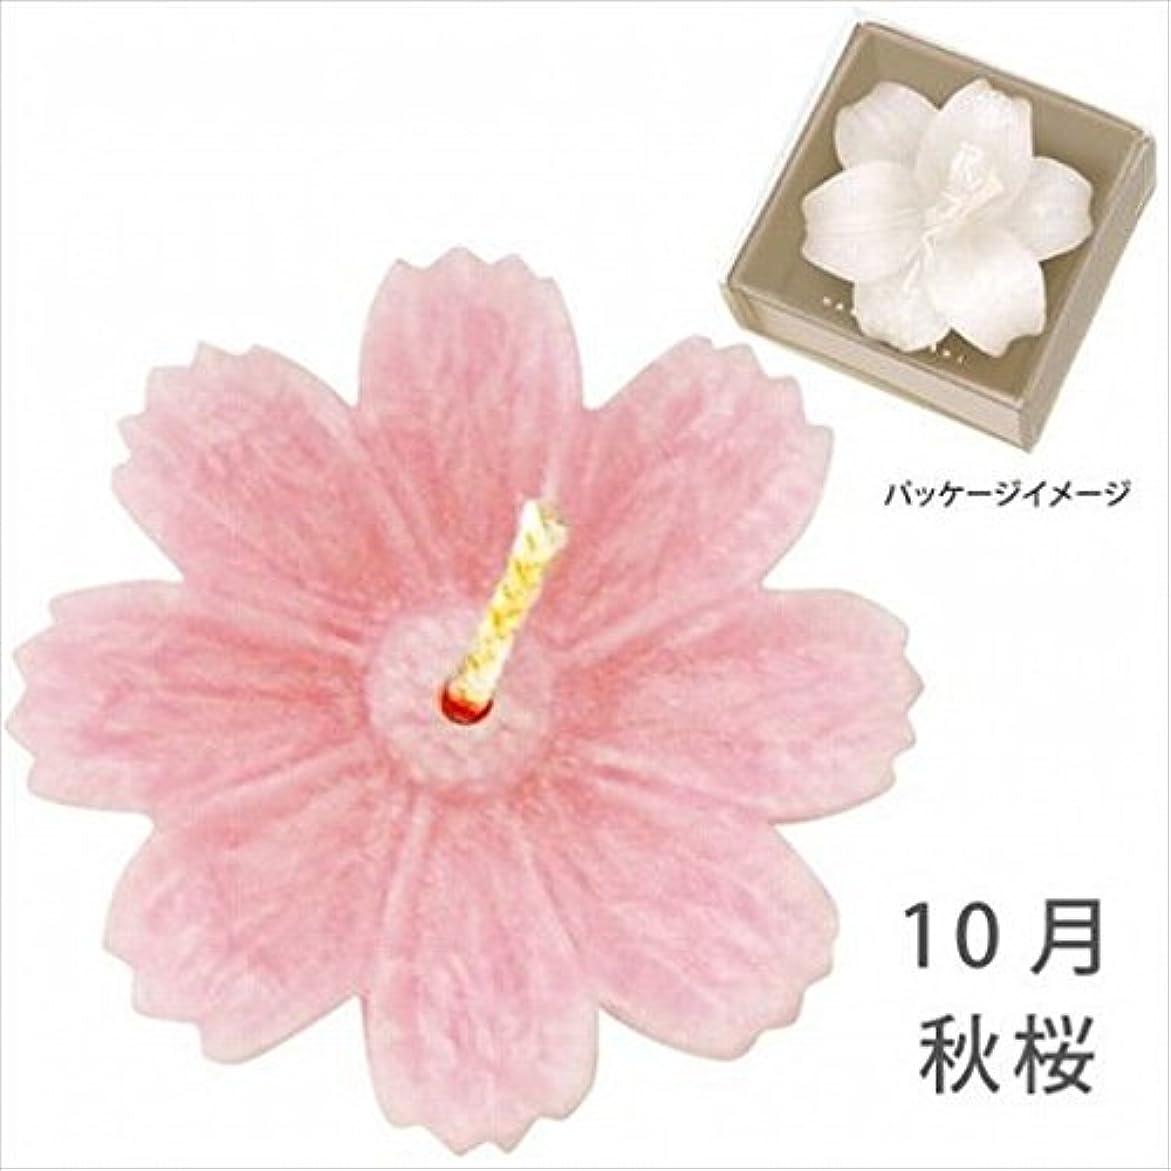 仮定、想定。推測偉業検査官kameyama candle(カメヤマキャンドル) 花づくし(植物性) 秋桜 「 秋桜(10月) 」 キャンドル(A4620515)